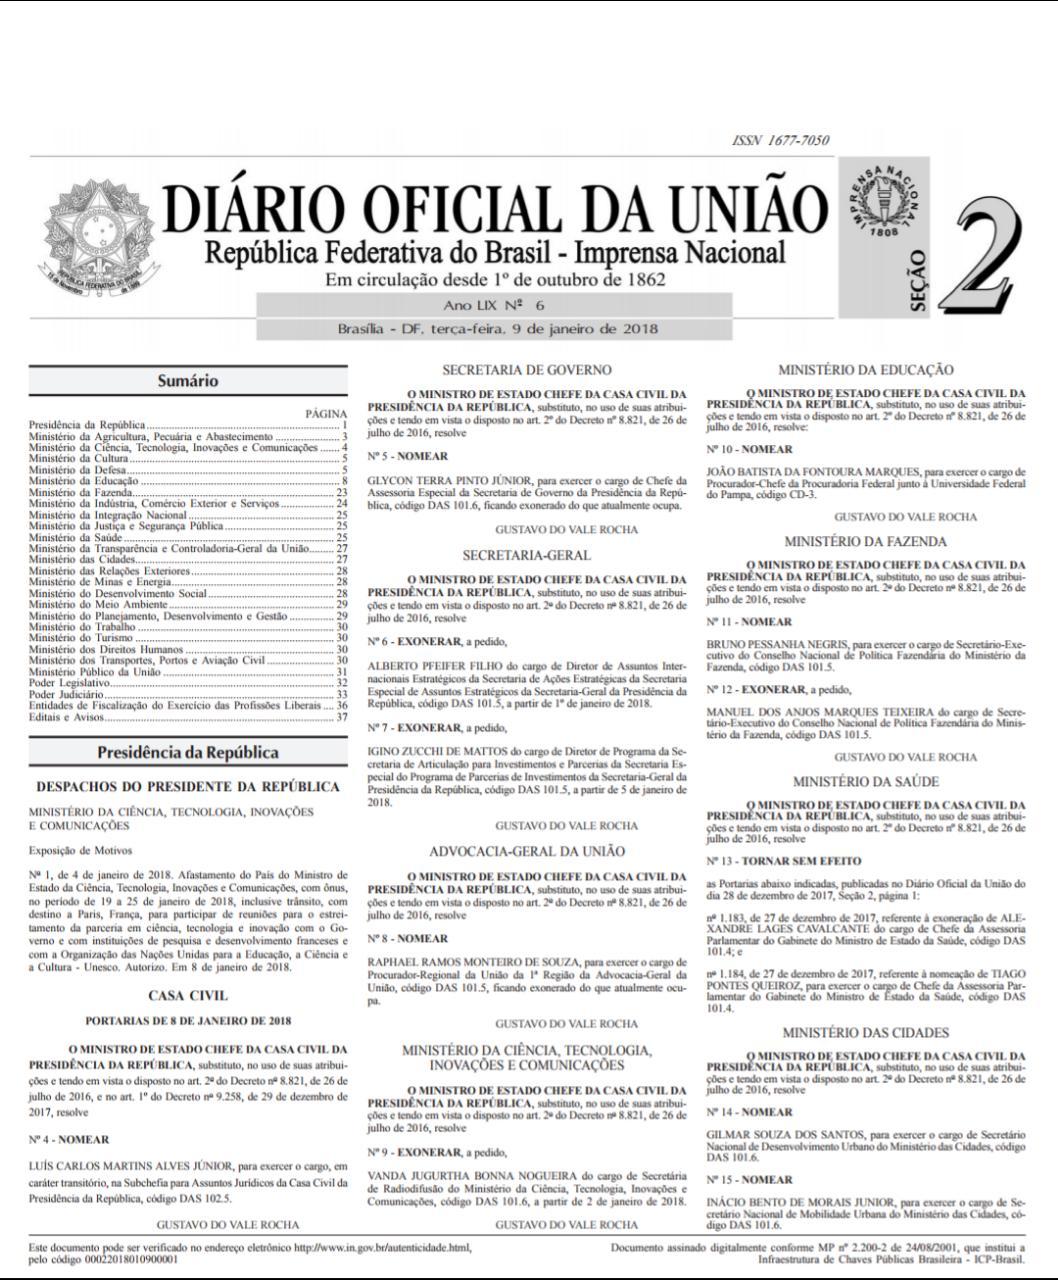 sou - Nomeação de paraibano para secretaria de Ministério é publicada no Diário Oficial da União